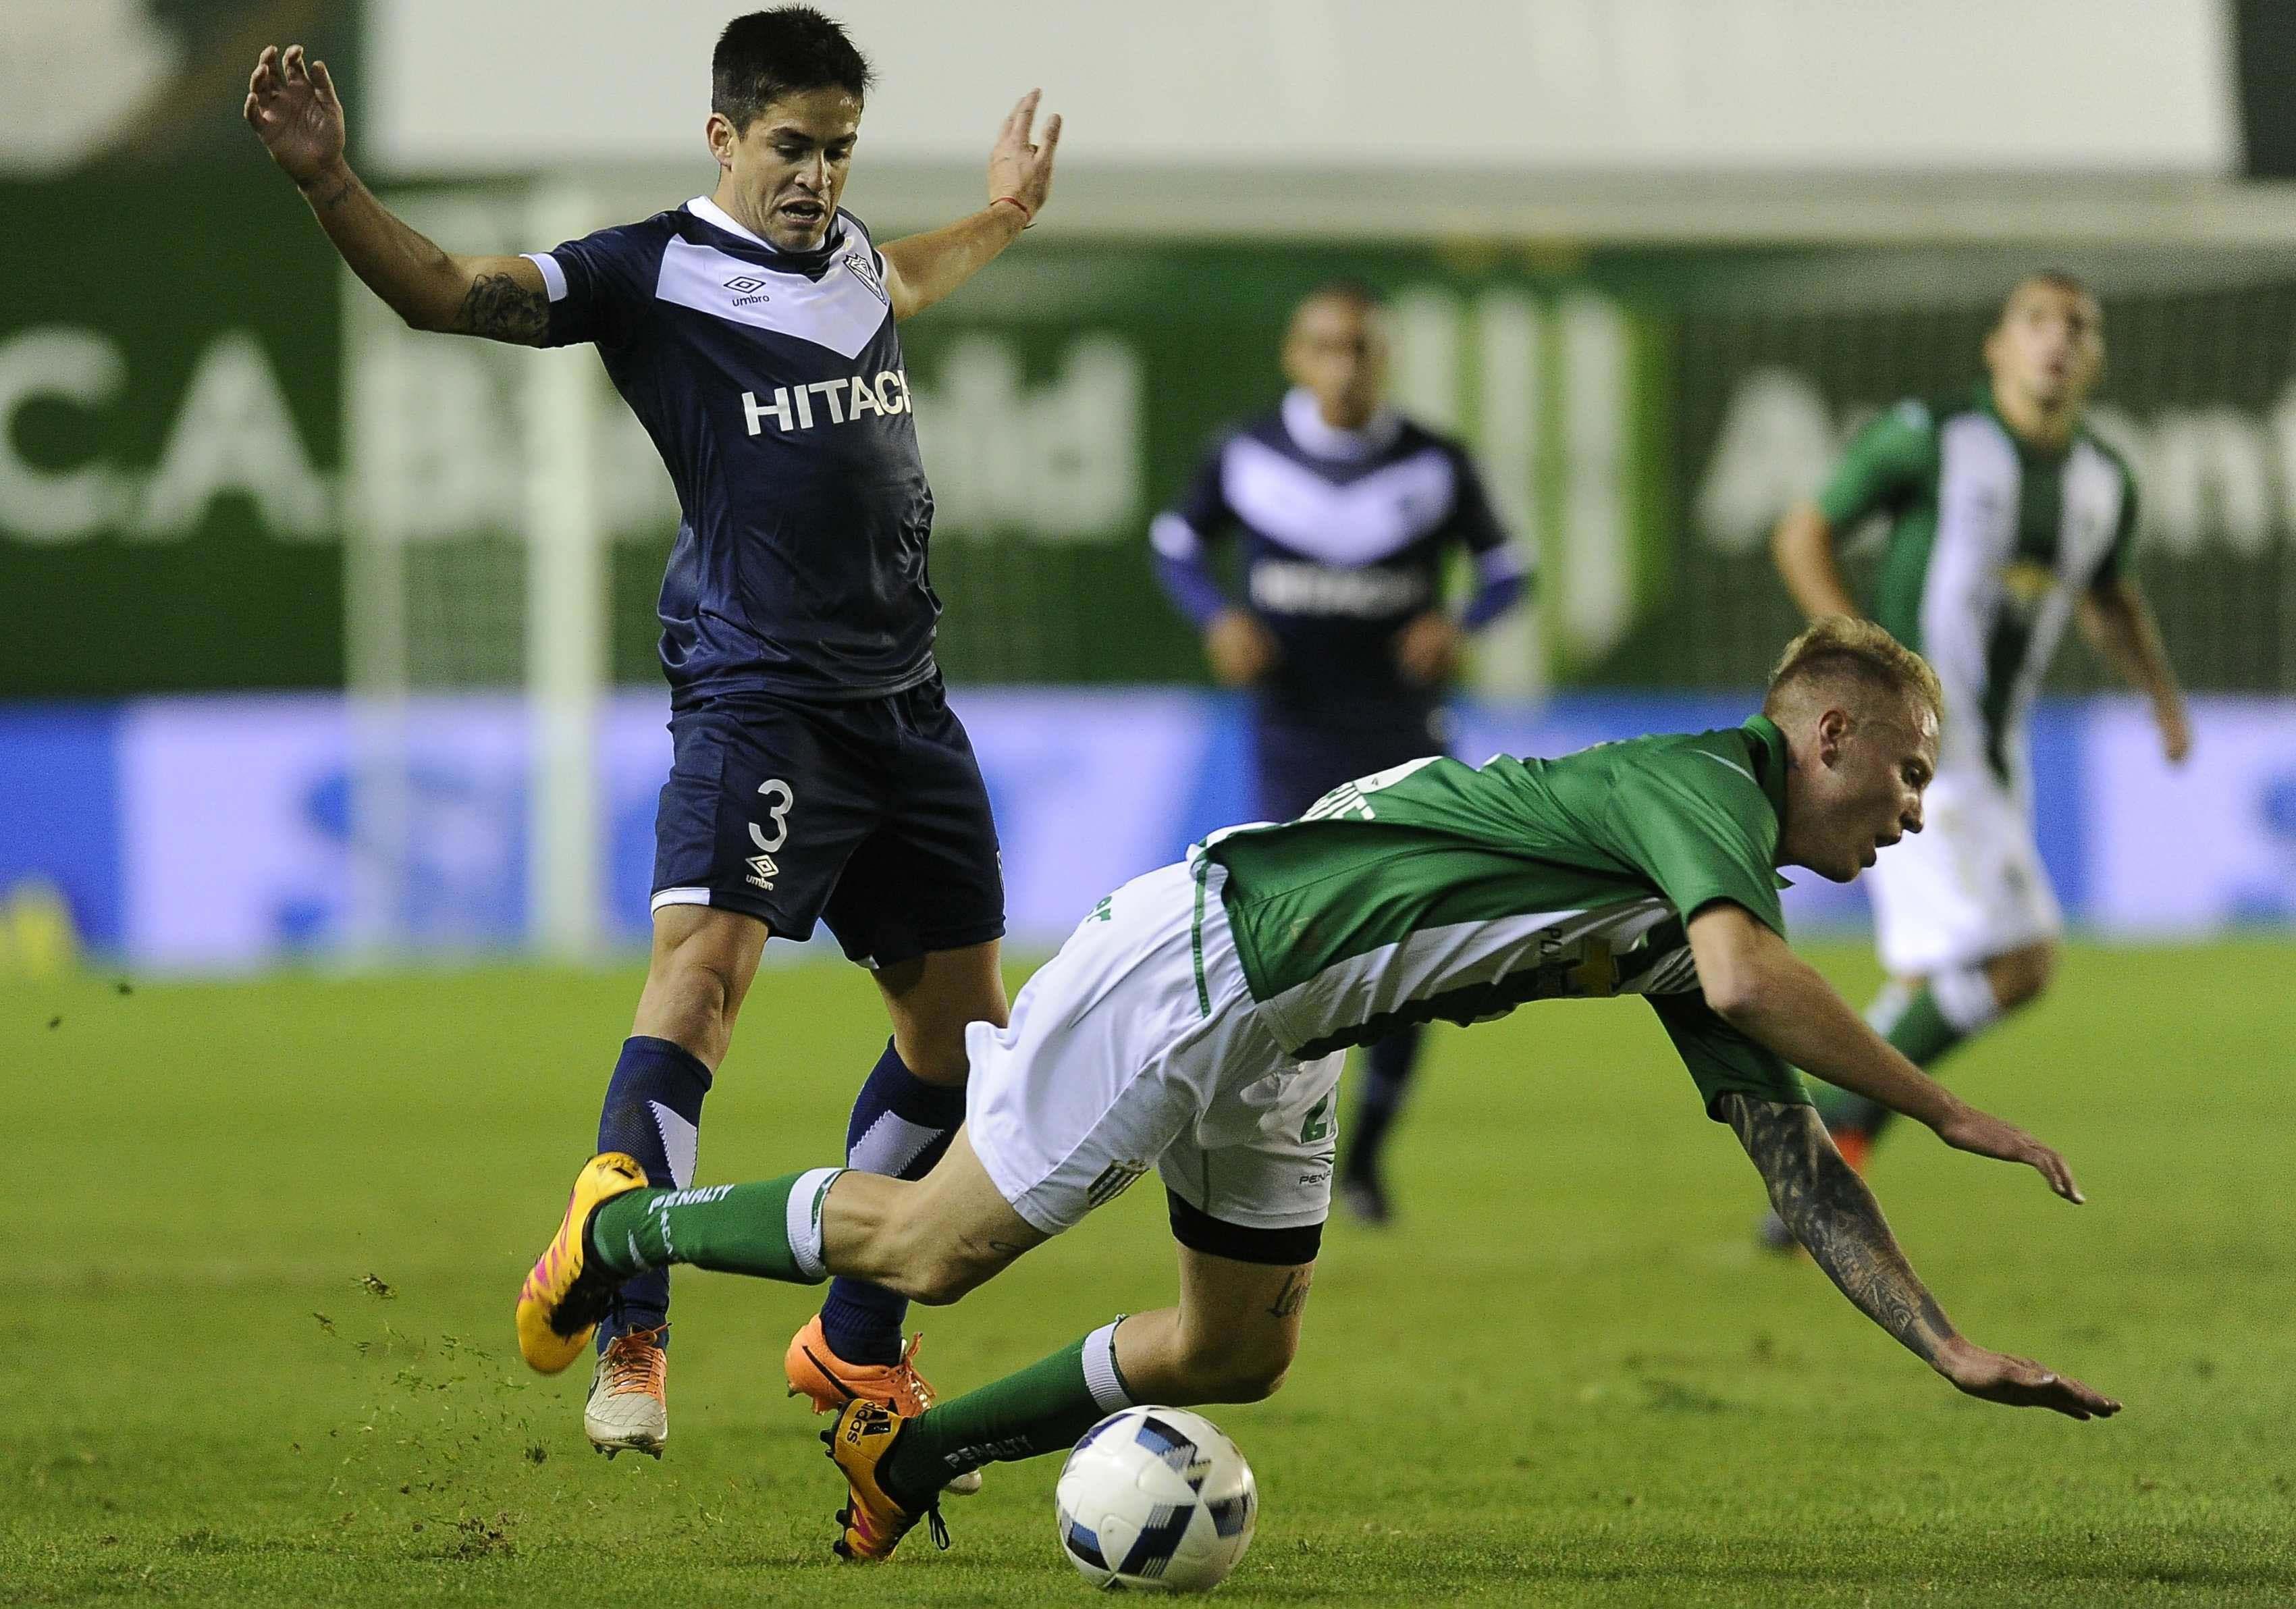 Las fotos del empate entre Banfield y Vélez en el Sur